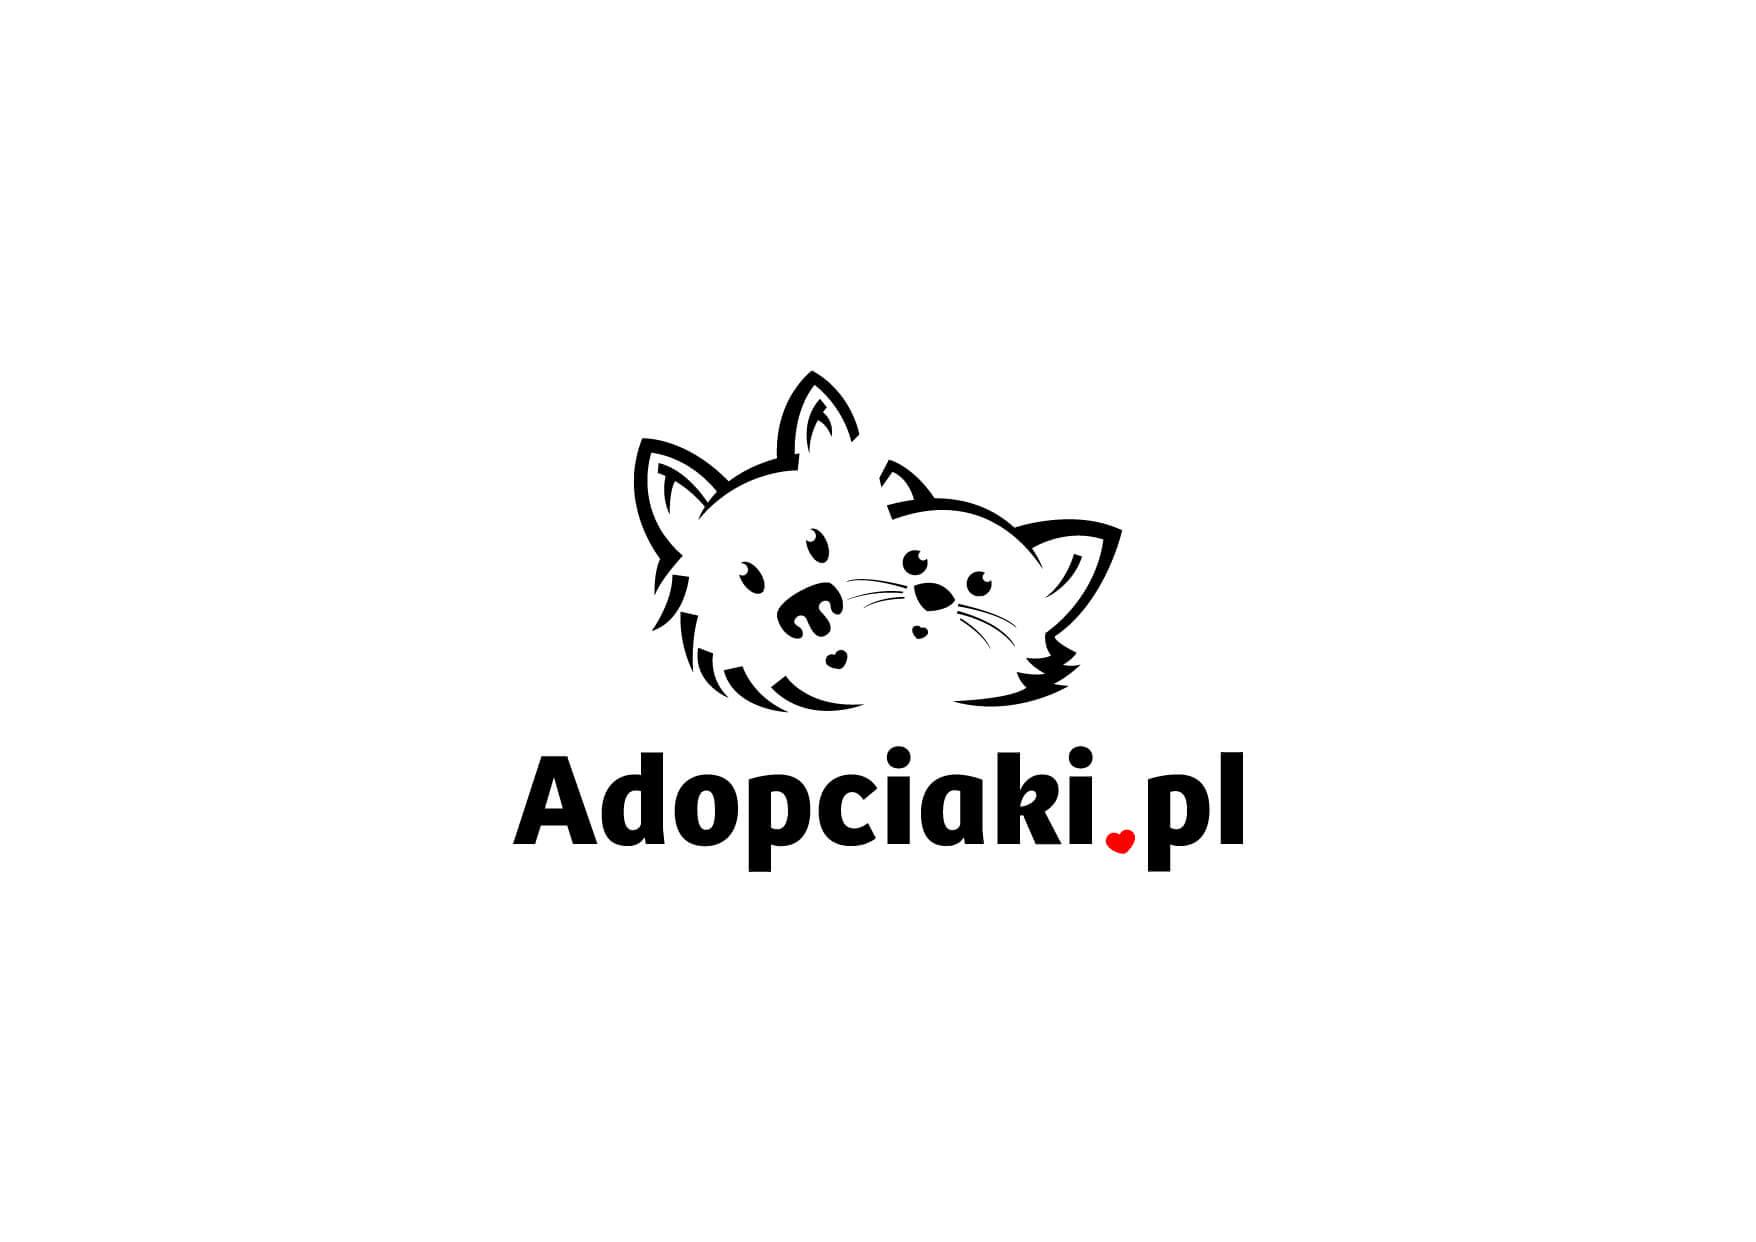 Logo Adopciaki.pl – Katowice